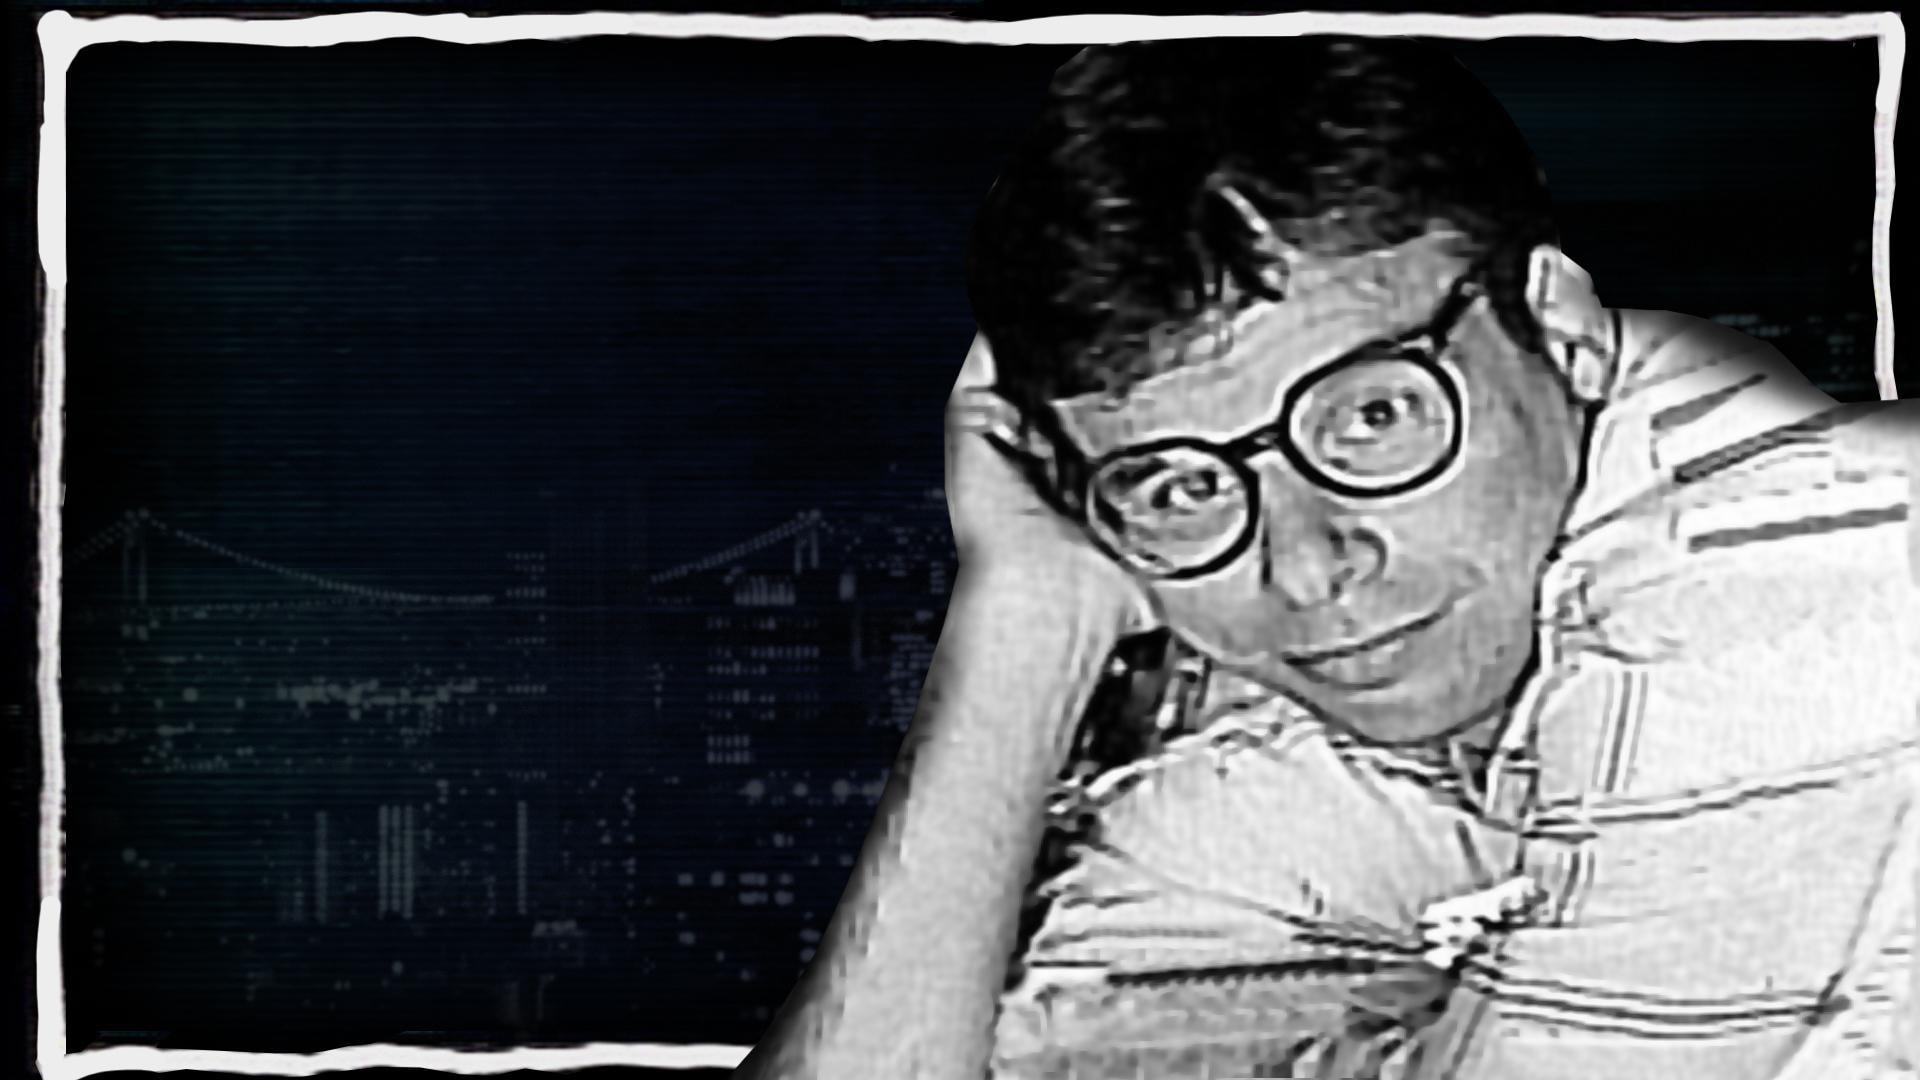 Rick Moranis: October 7, 1989